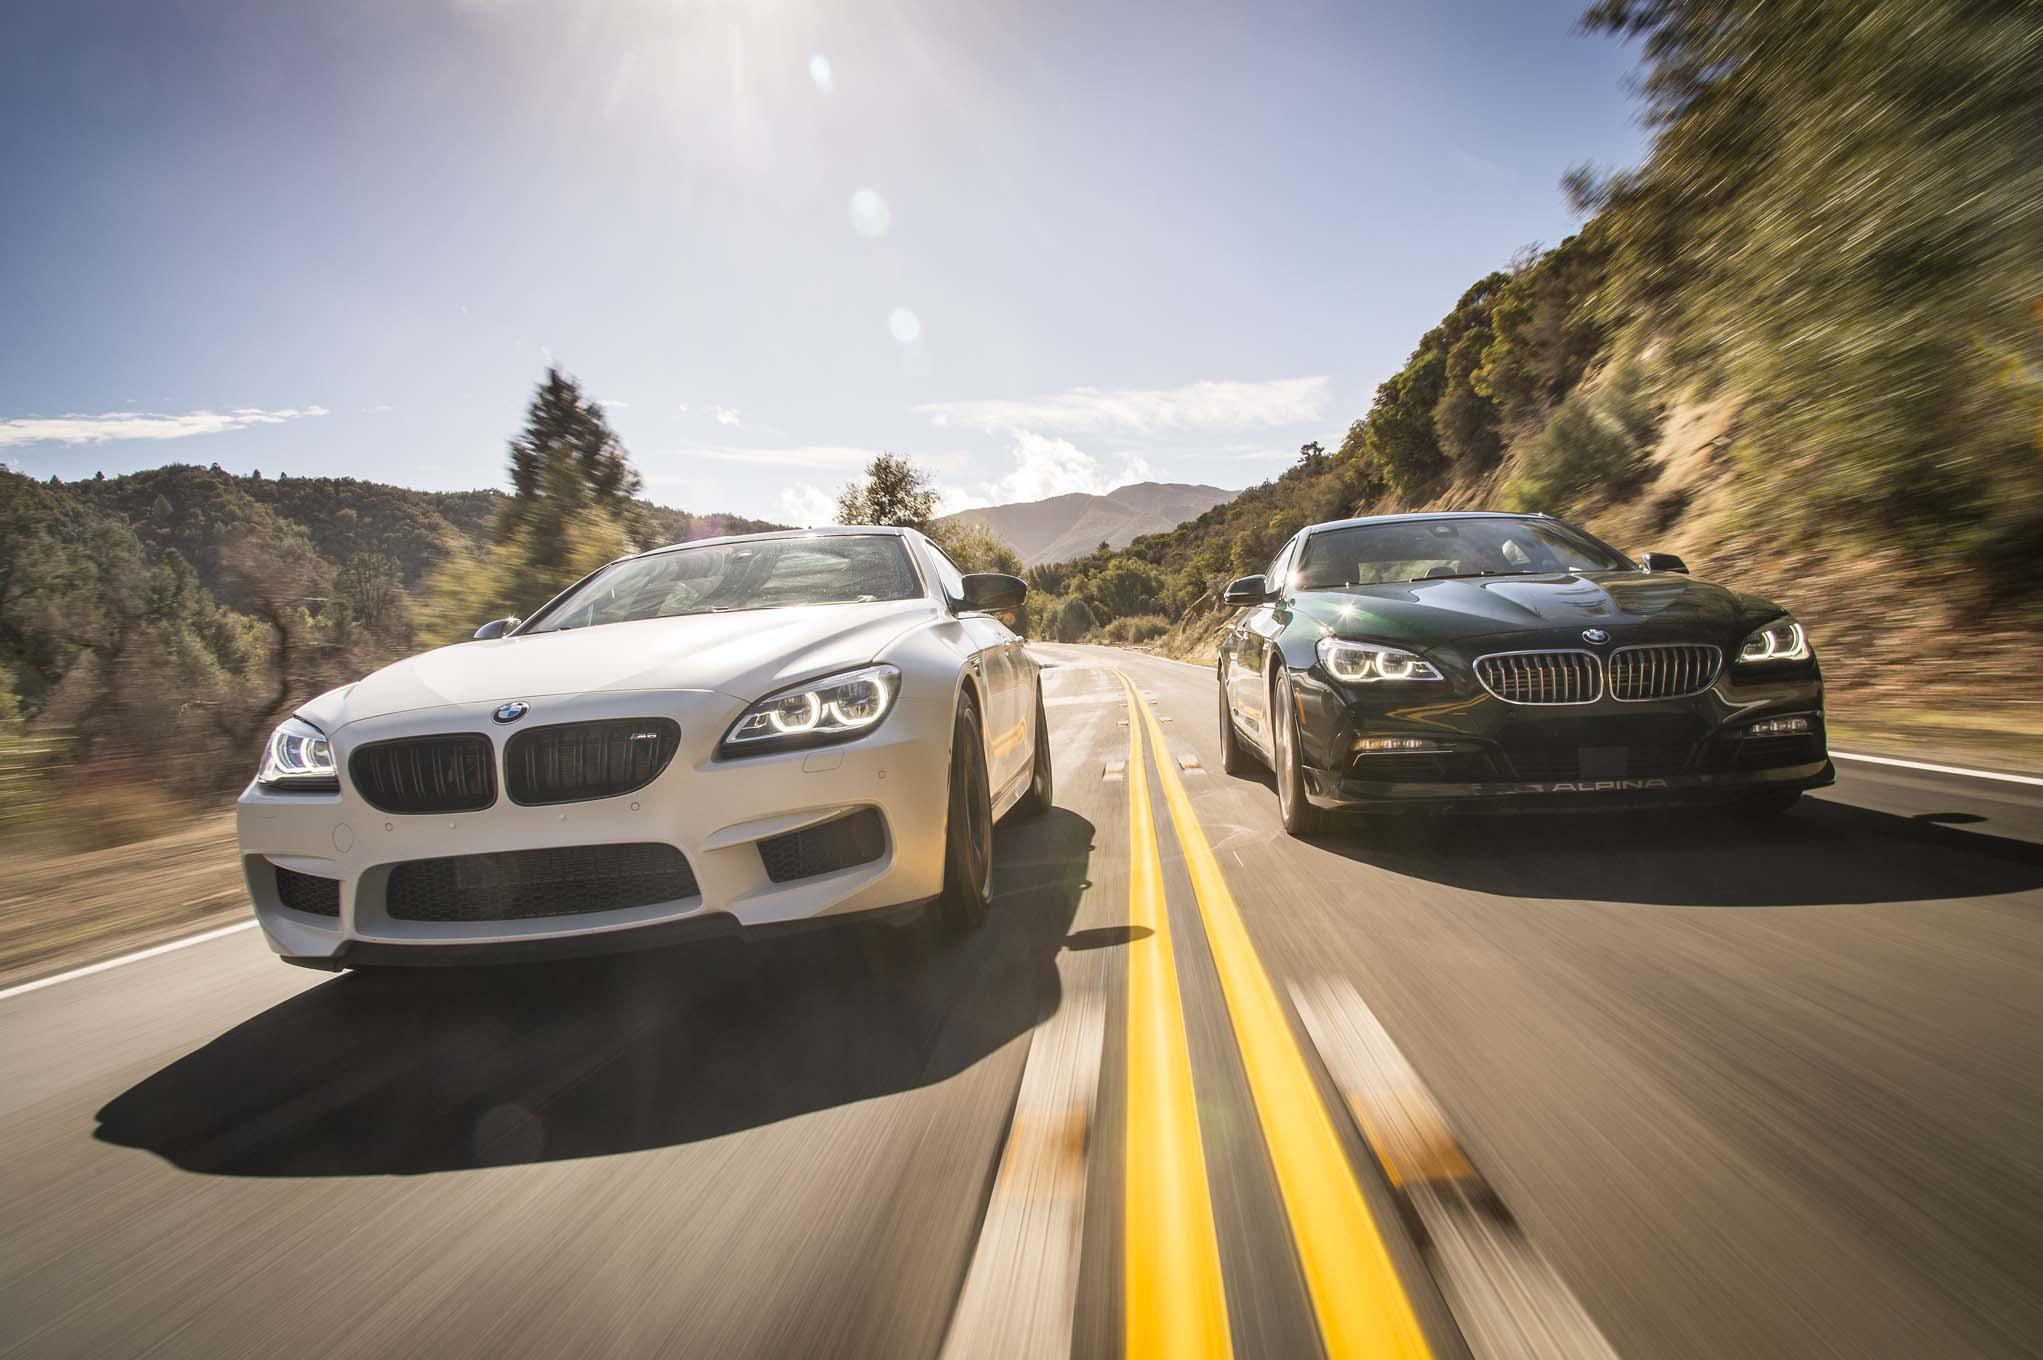 2016 BMW Alpina B6 xDrive Gran Coupe and 2017 BMW M6 Gran Coupe 06